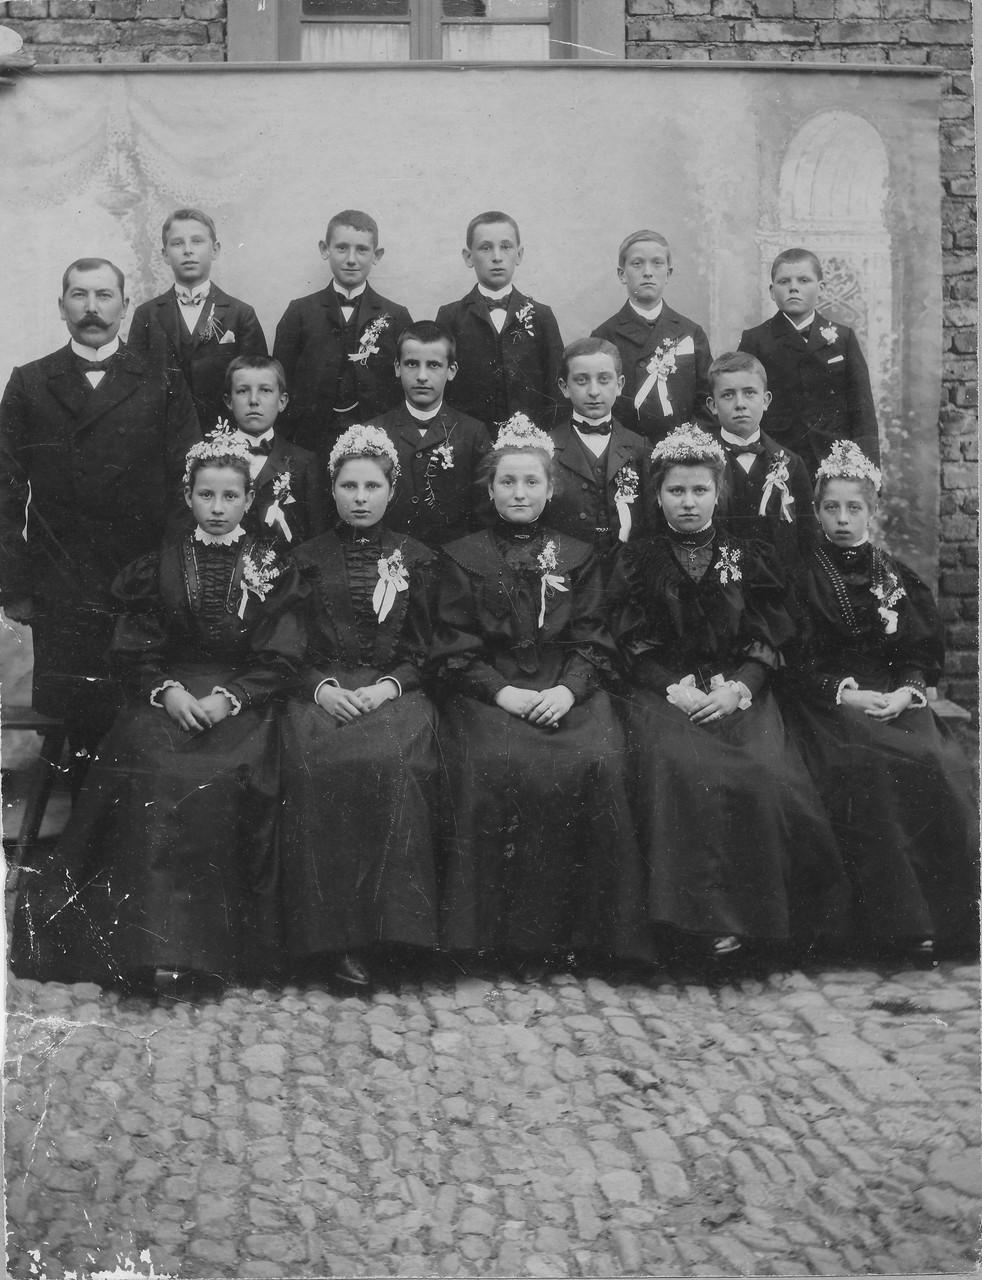 1925 (Bild: Pühl,Otto)